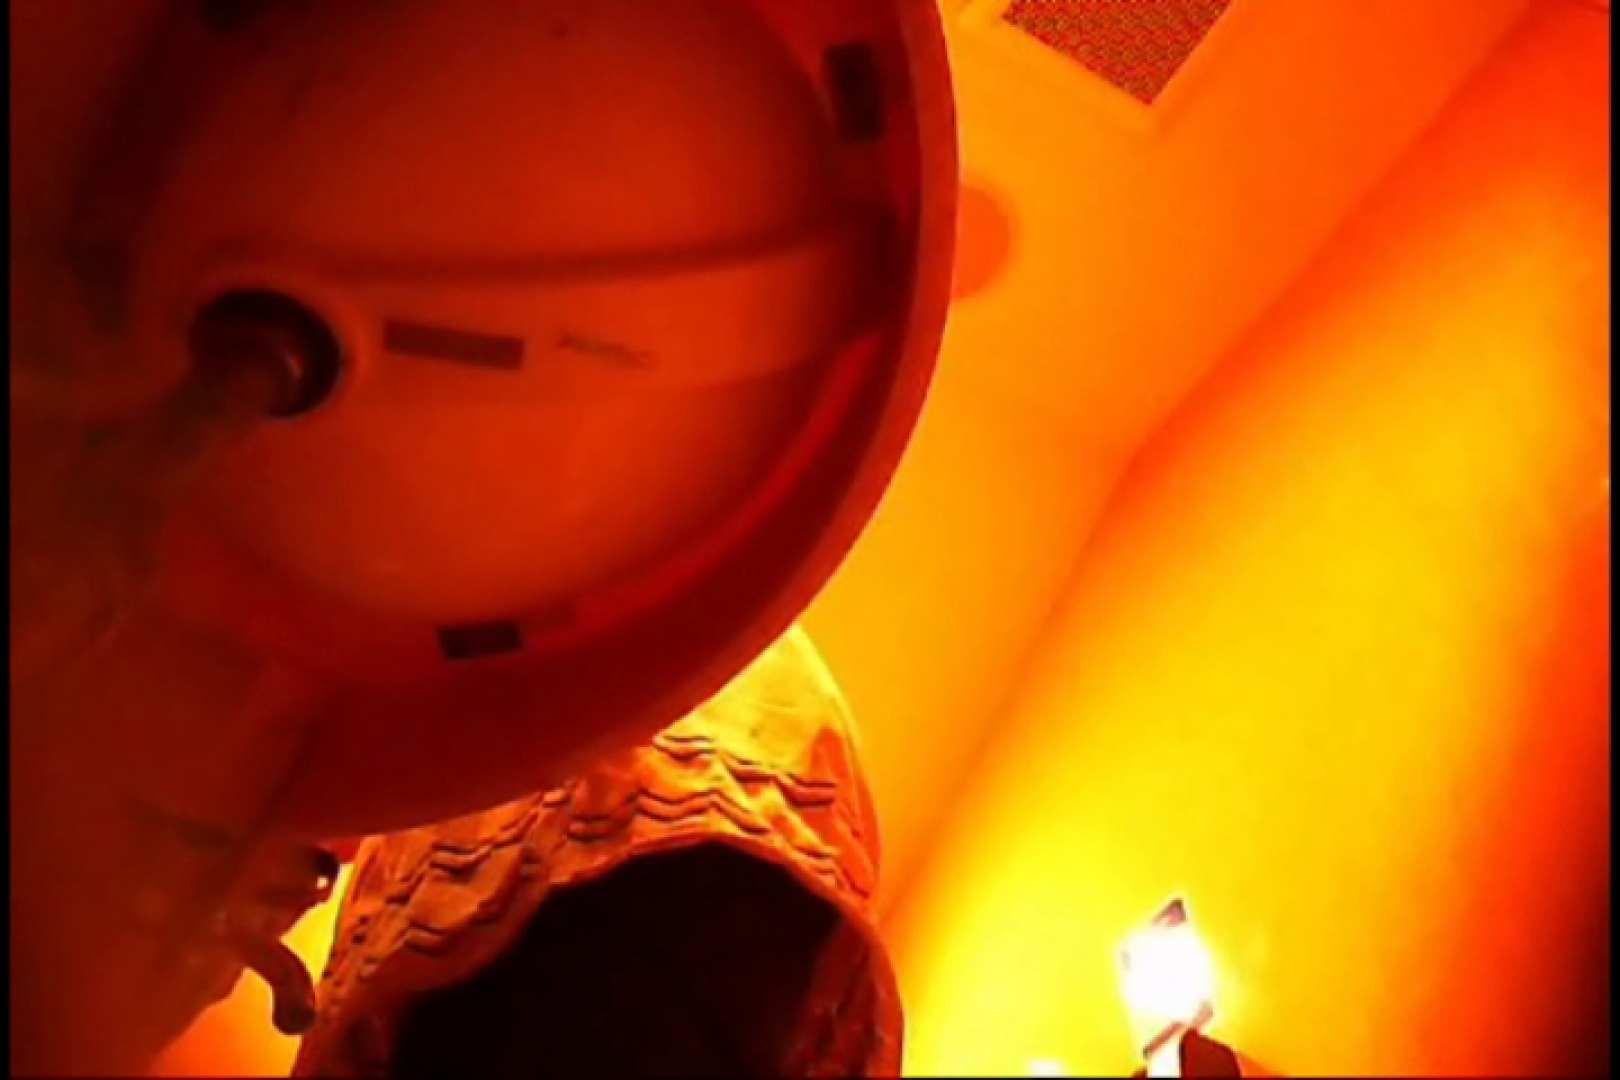 潜入!!女子化粧室盗撮~絶対見られたくない時間~vo,8 潜入 セックス画像 82PIX 82